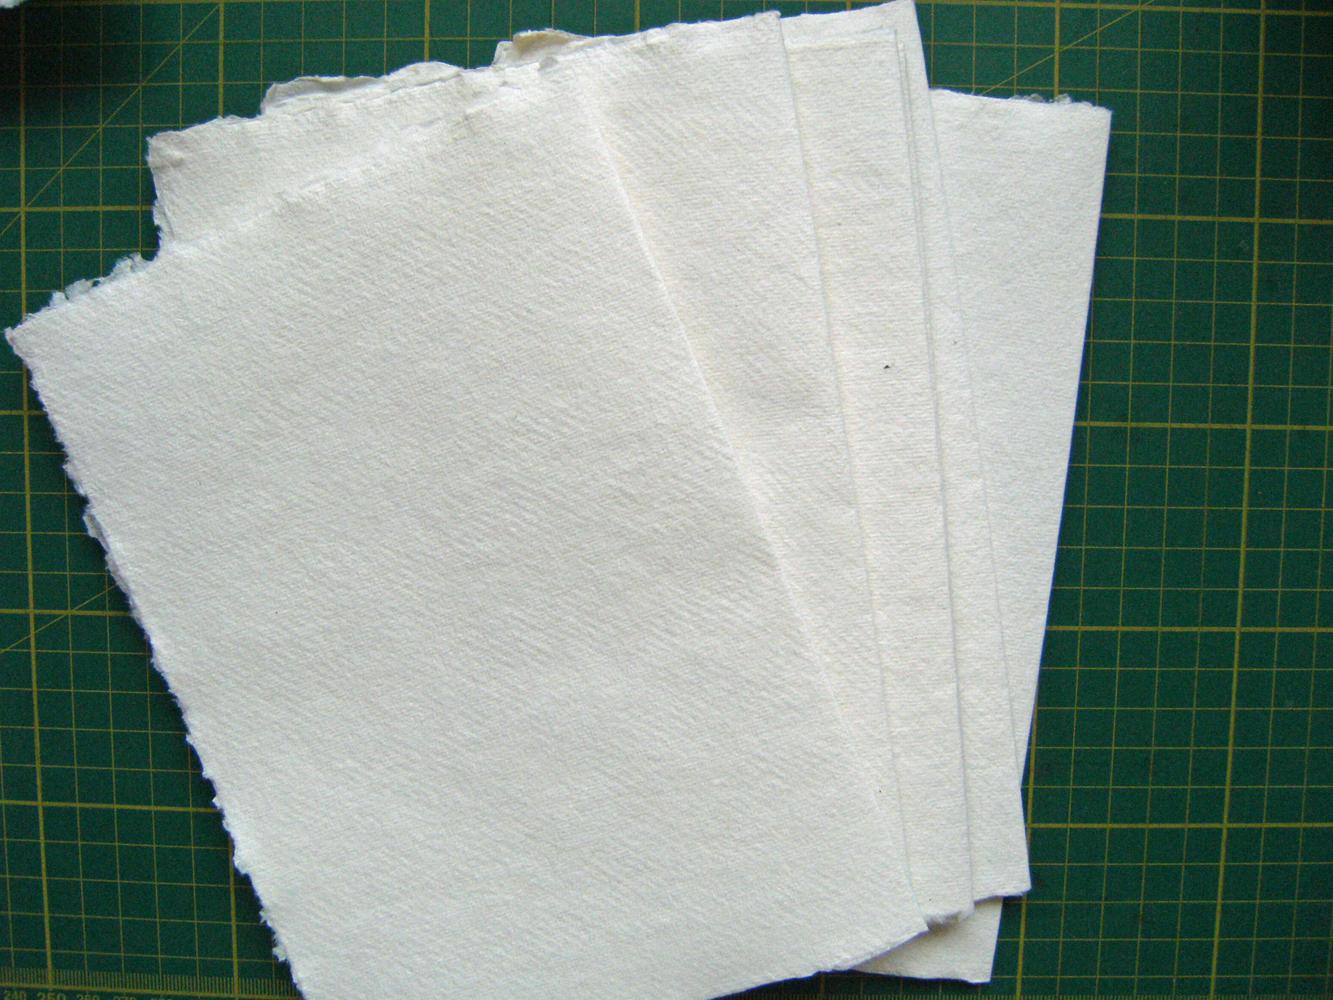 http://2.bp.blogspot.com/-z5YpgME8A_w/T6L0PL50tII/AAAAAAAAFU8/knc0INi5ziM/s1600/030512_Handmade_paper_2.jpg